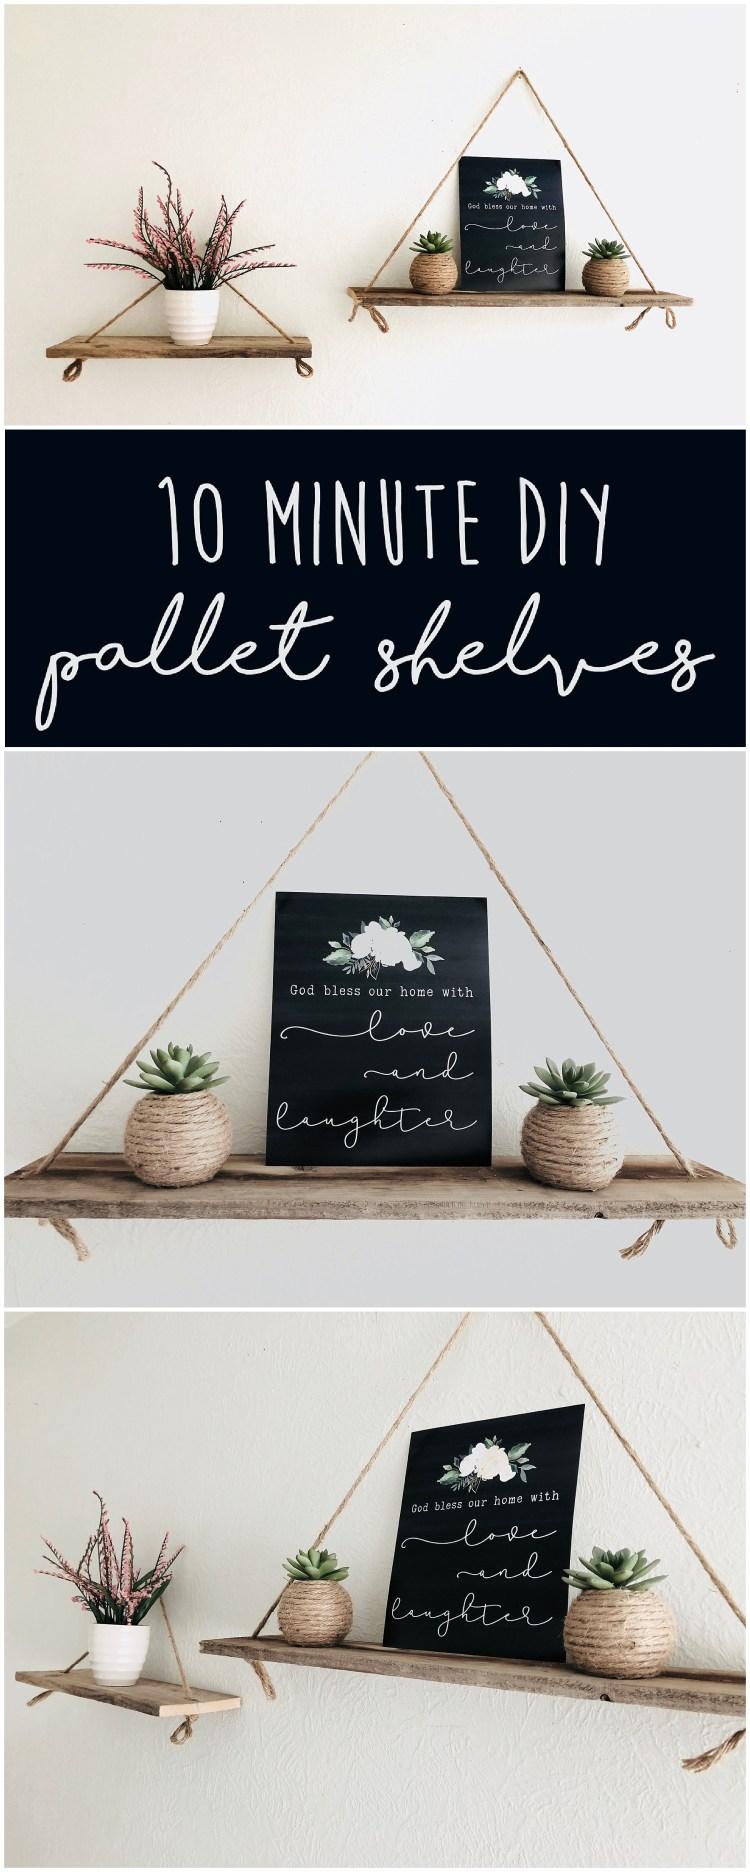 DIY Pallet Shelves | DIY Pallet Shelves Instructions | DIY Pallet Shelves Tutorial | Diy Pallet Shelves Step by Step | Making Pallet Shelves | Build Pallet Shelves | Diy Pallet Floating Shelves | DIY Pallet Hanging Shelves | Pallet Ideas for Walls | Pallet Ideas DIY | Pallet Craft Ideas